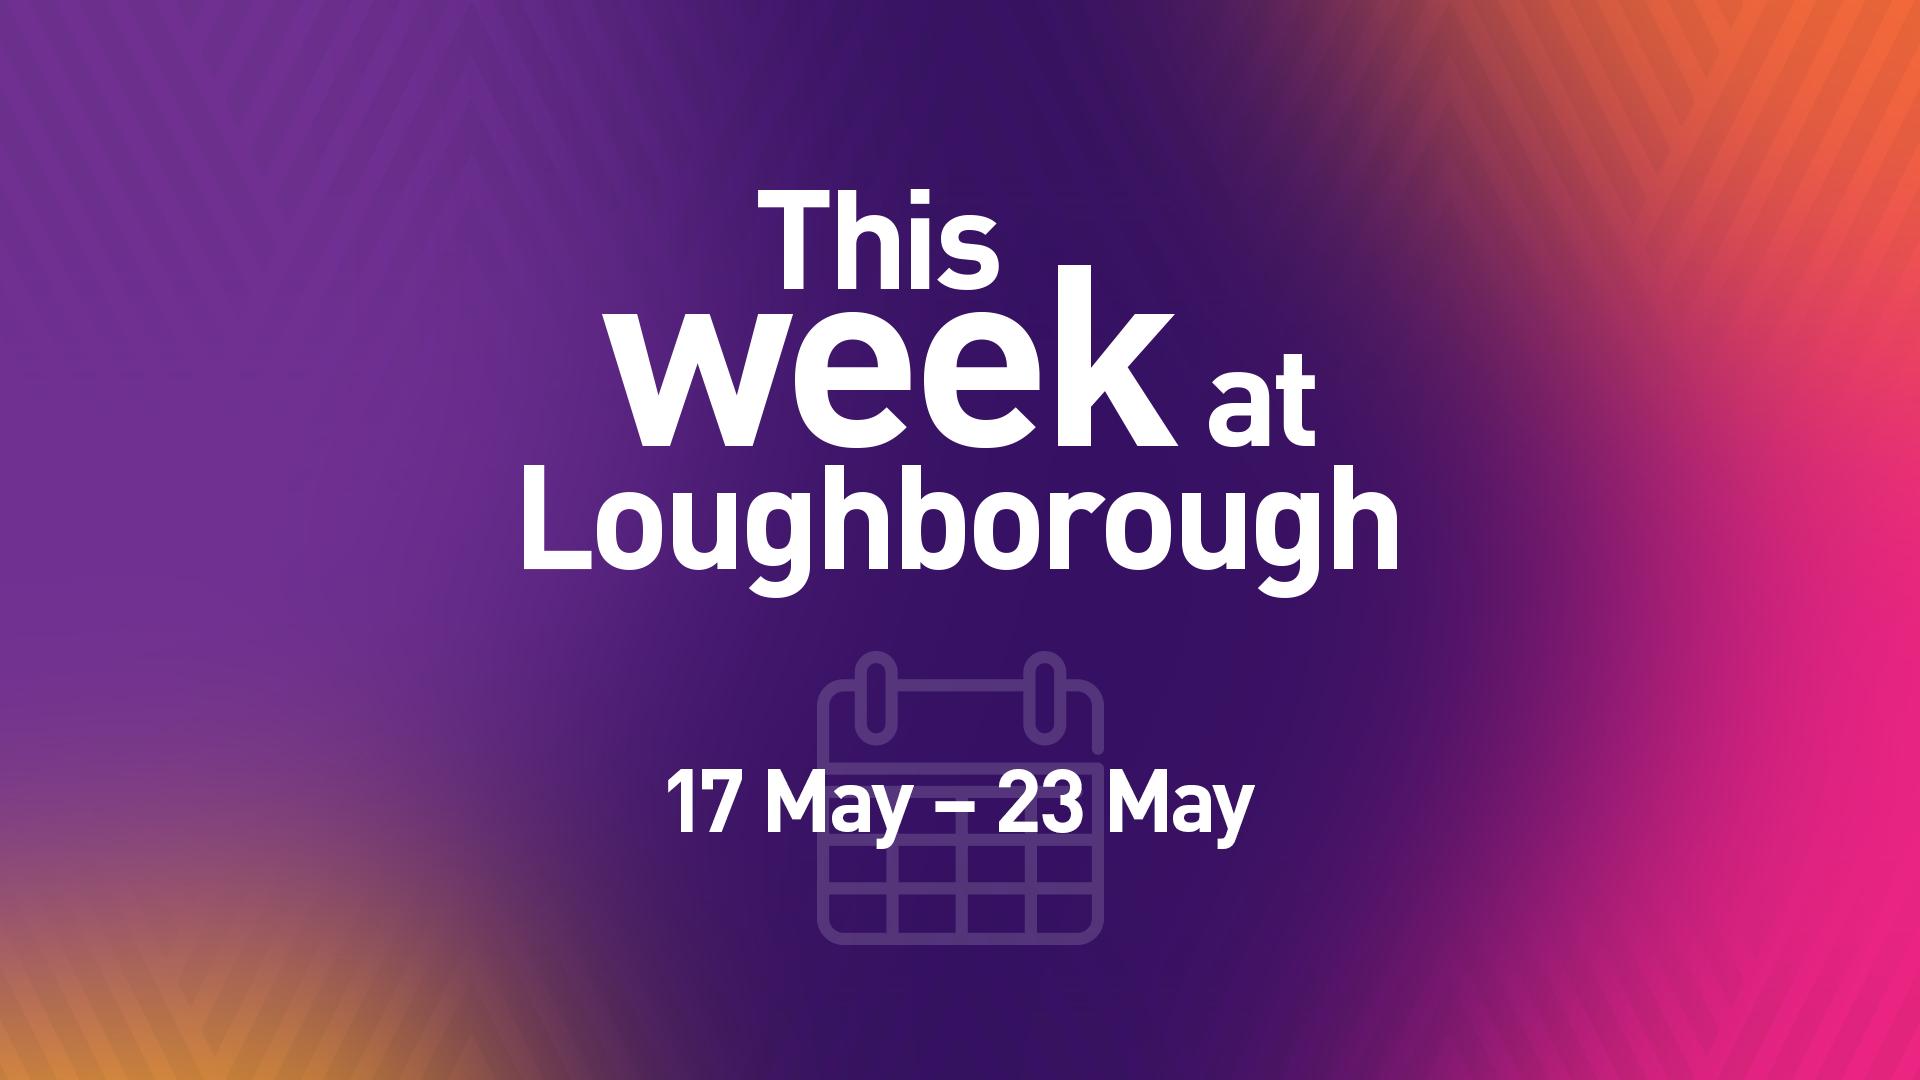 This Week at Loughborough | 17 May